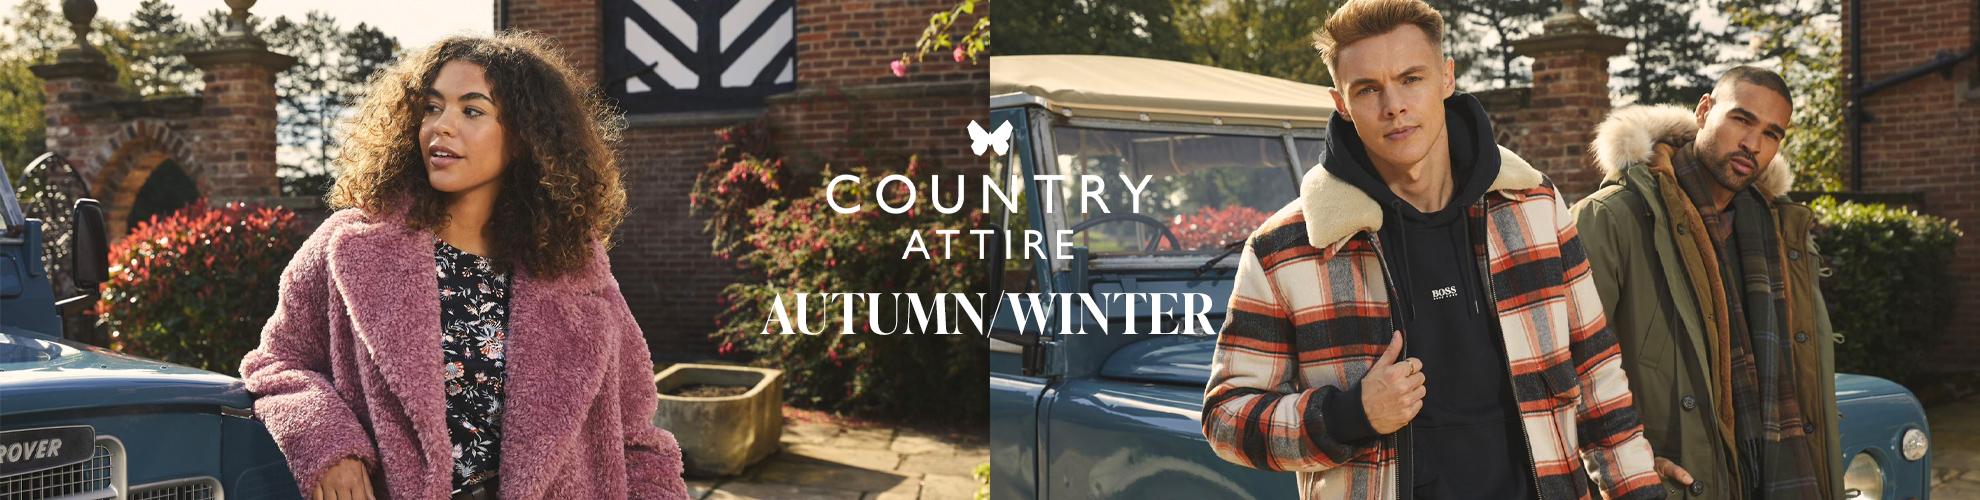 Country Attire Autumn Winter Campaign